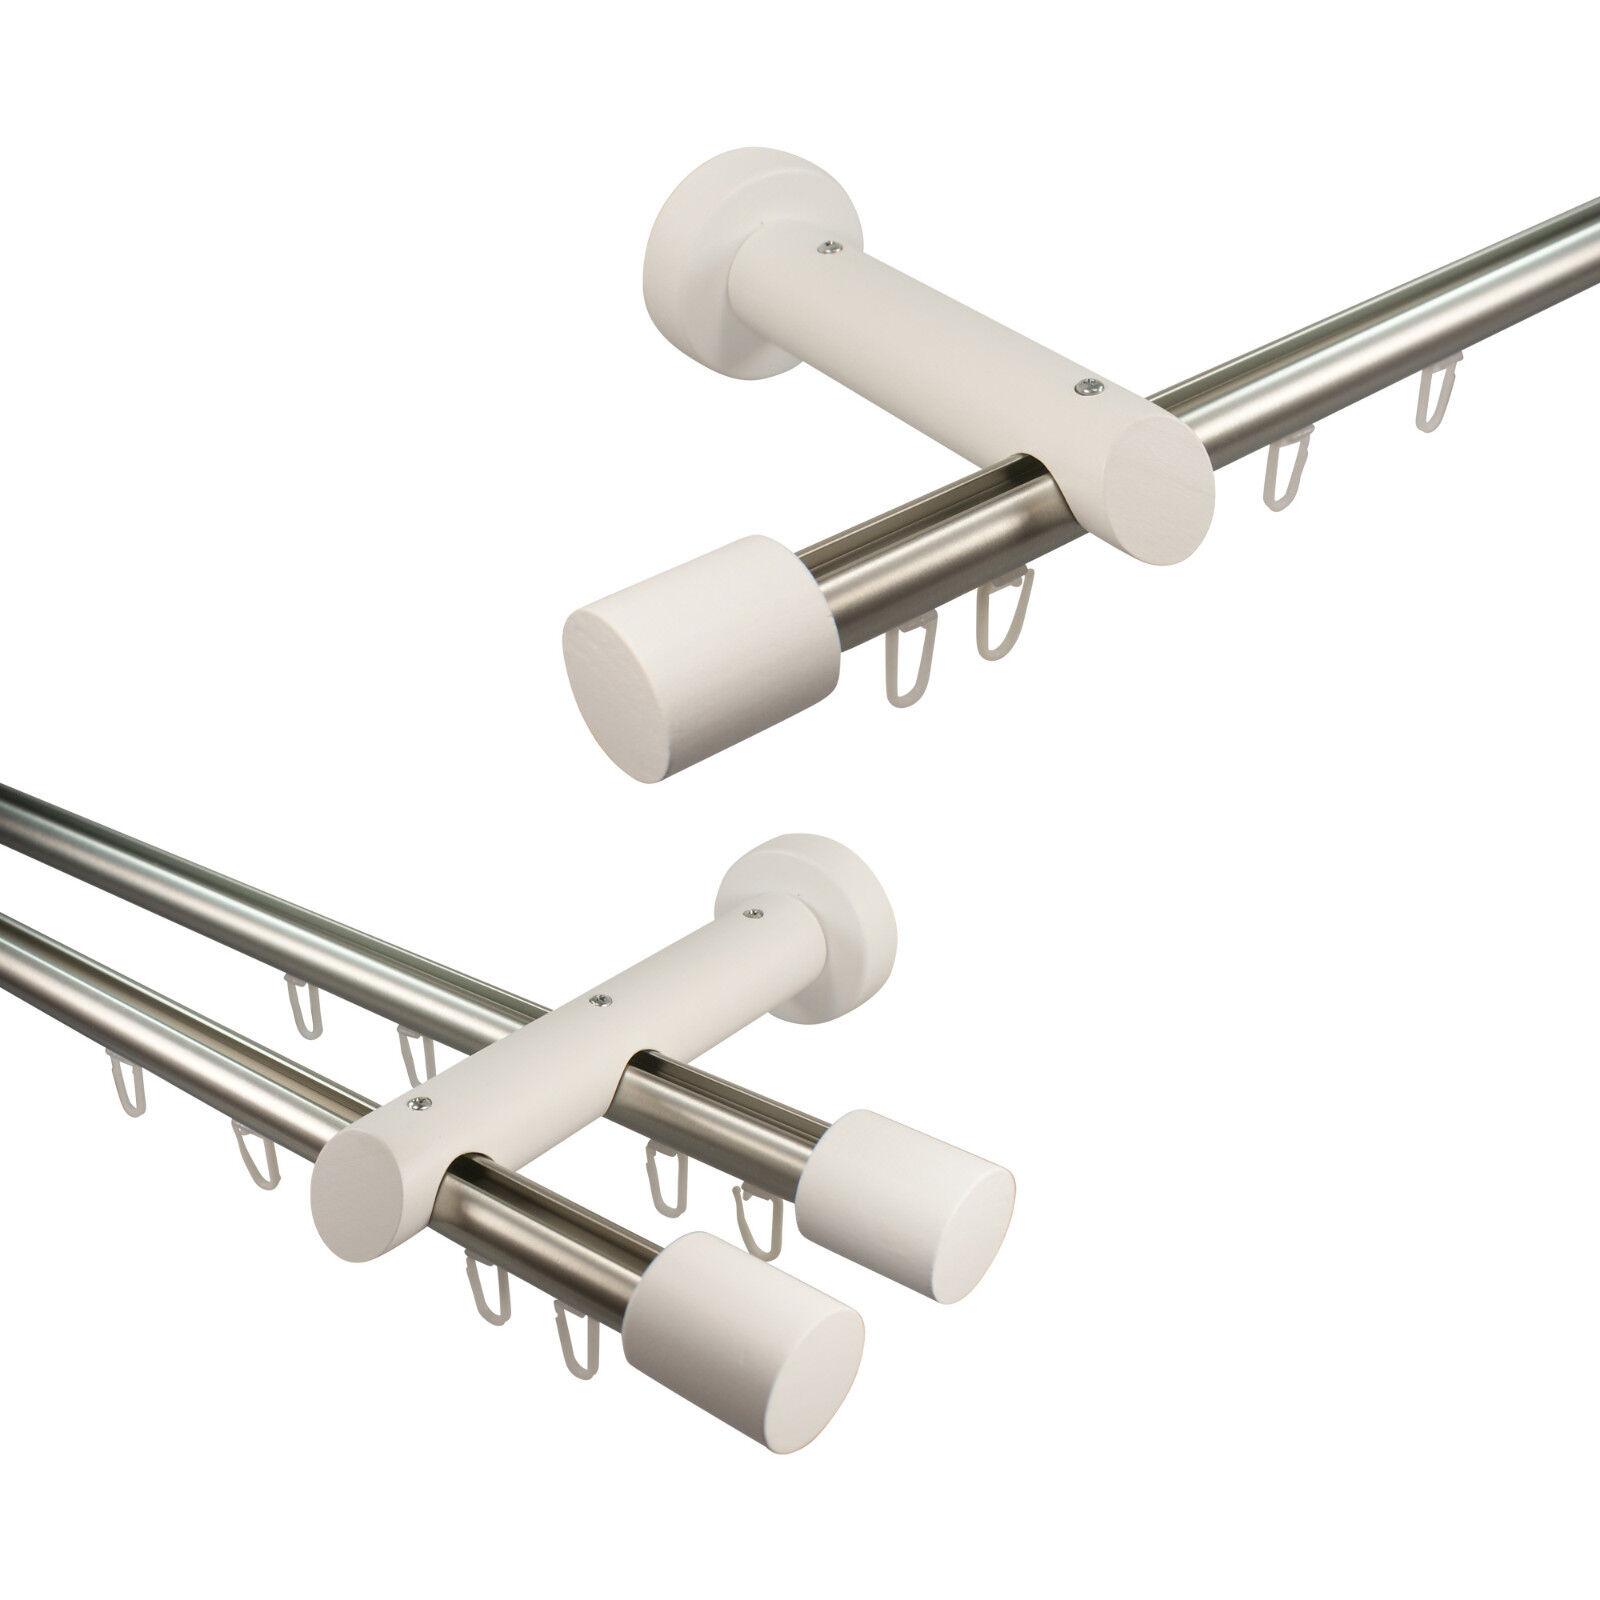 Innenlauf Gardinenstangen Vorhangstangen aus Alu Holz Farbe Farbe Farbe Edelstahl Weiß 20 mm | Große Ausverkauf  4e2d35